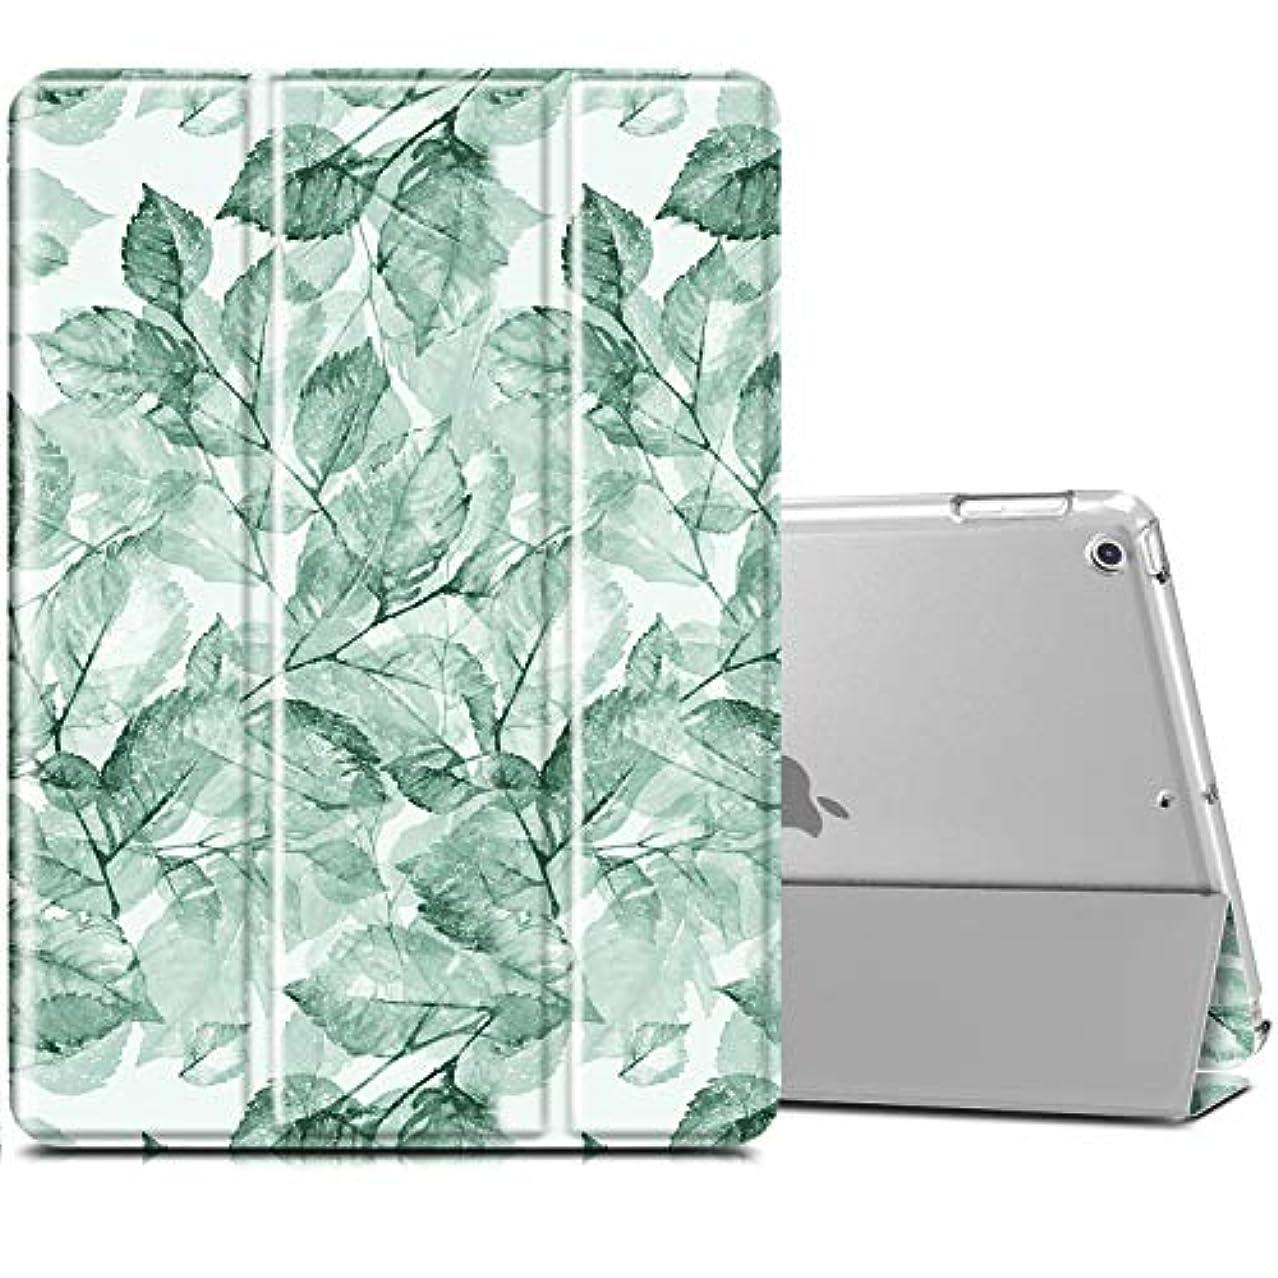 周り過ち何でもDailylux iPad 2018/2017 専用 ケース スマート カバー バック ケース 新しいApple iPad カバー アイパッド 9.7 インチ専用 三つ折スタンド機能 傷つけ防止 オートスリープ機能(モデル番号A1822 A1823 A1893 A1954)-緑の葉